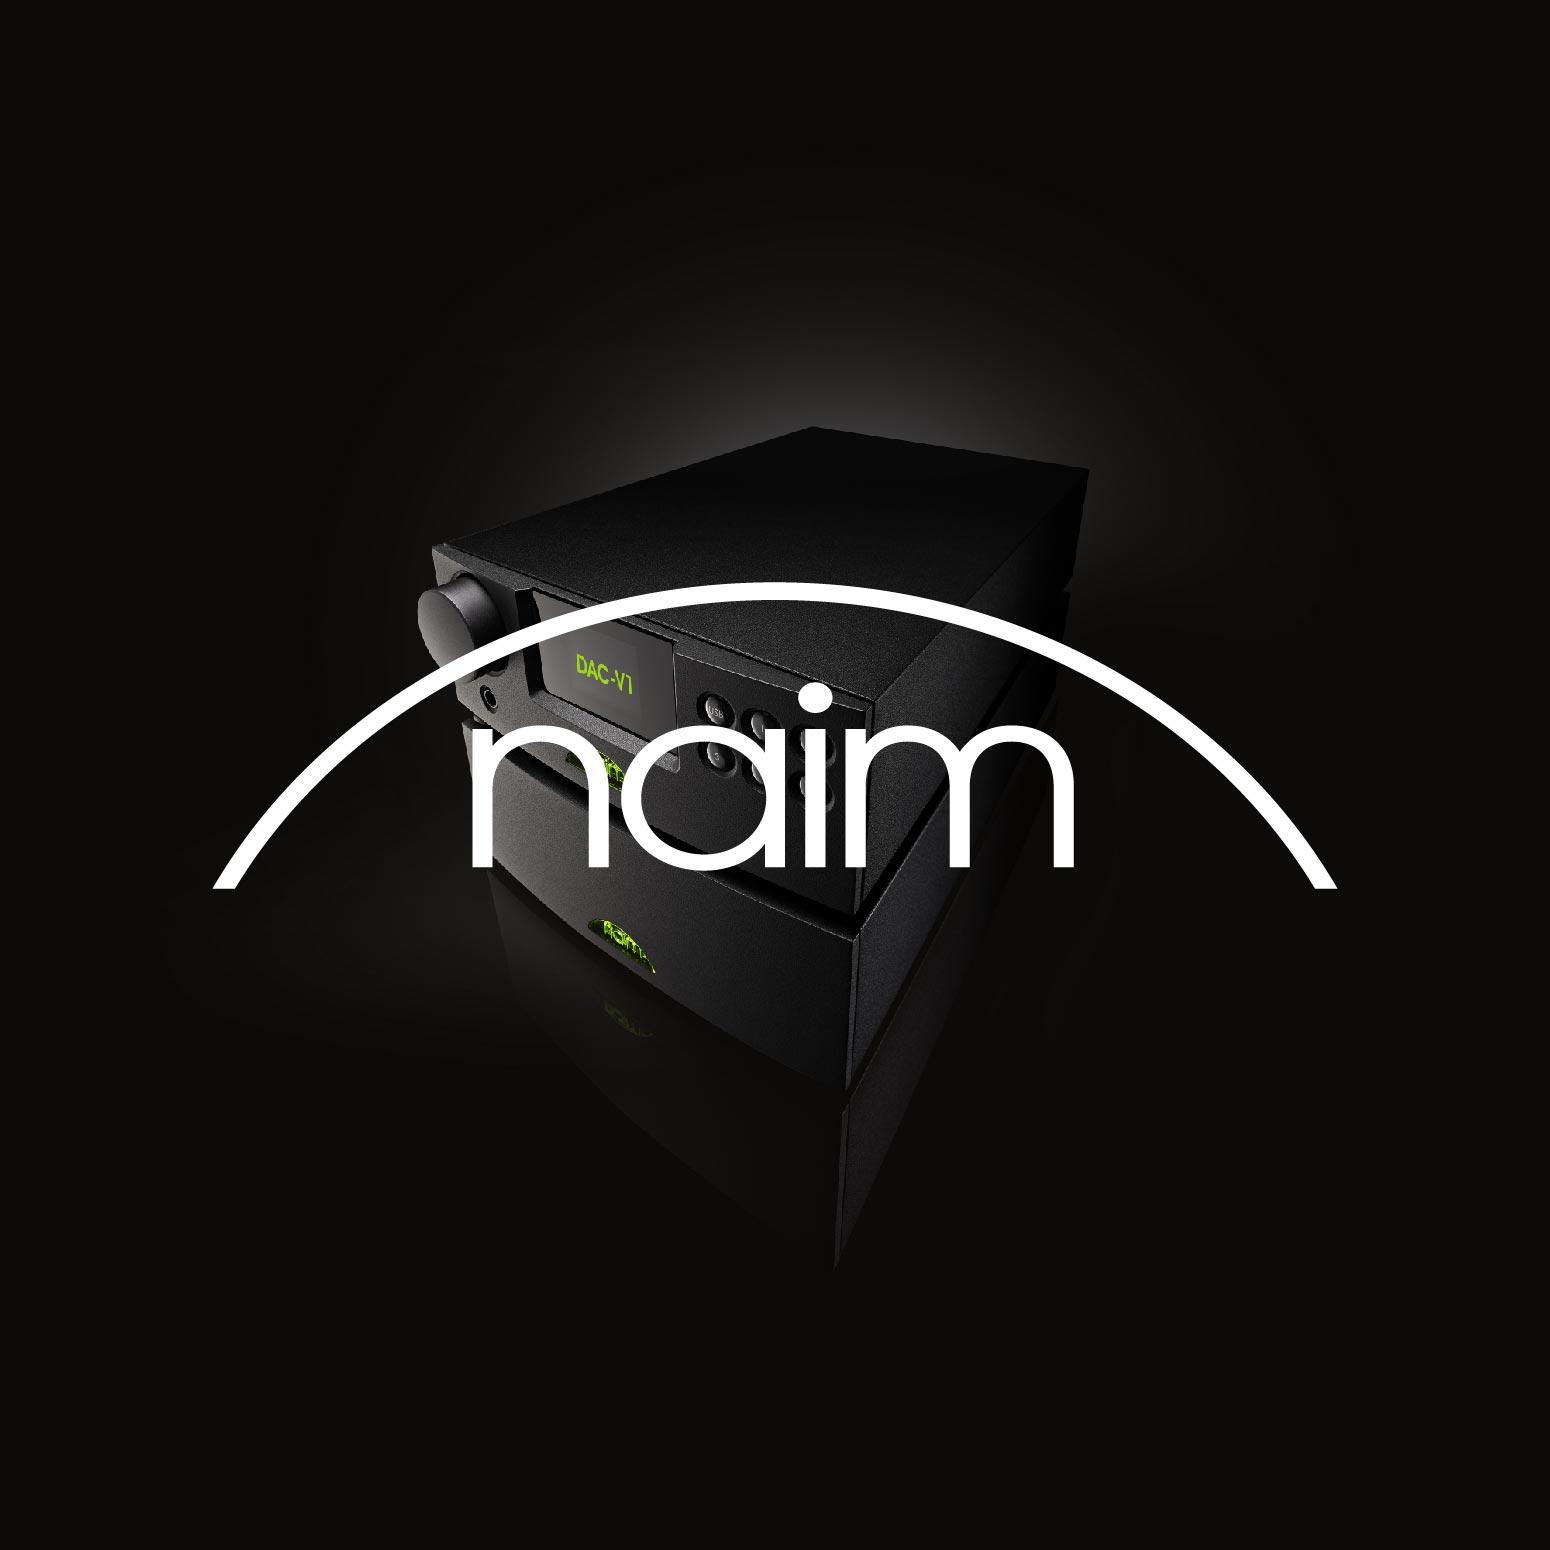 NAIM-01-01